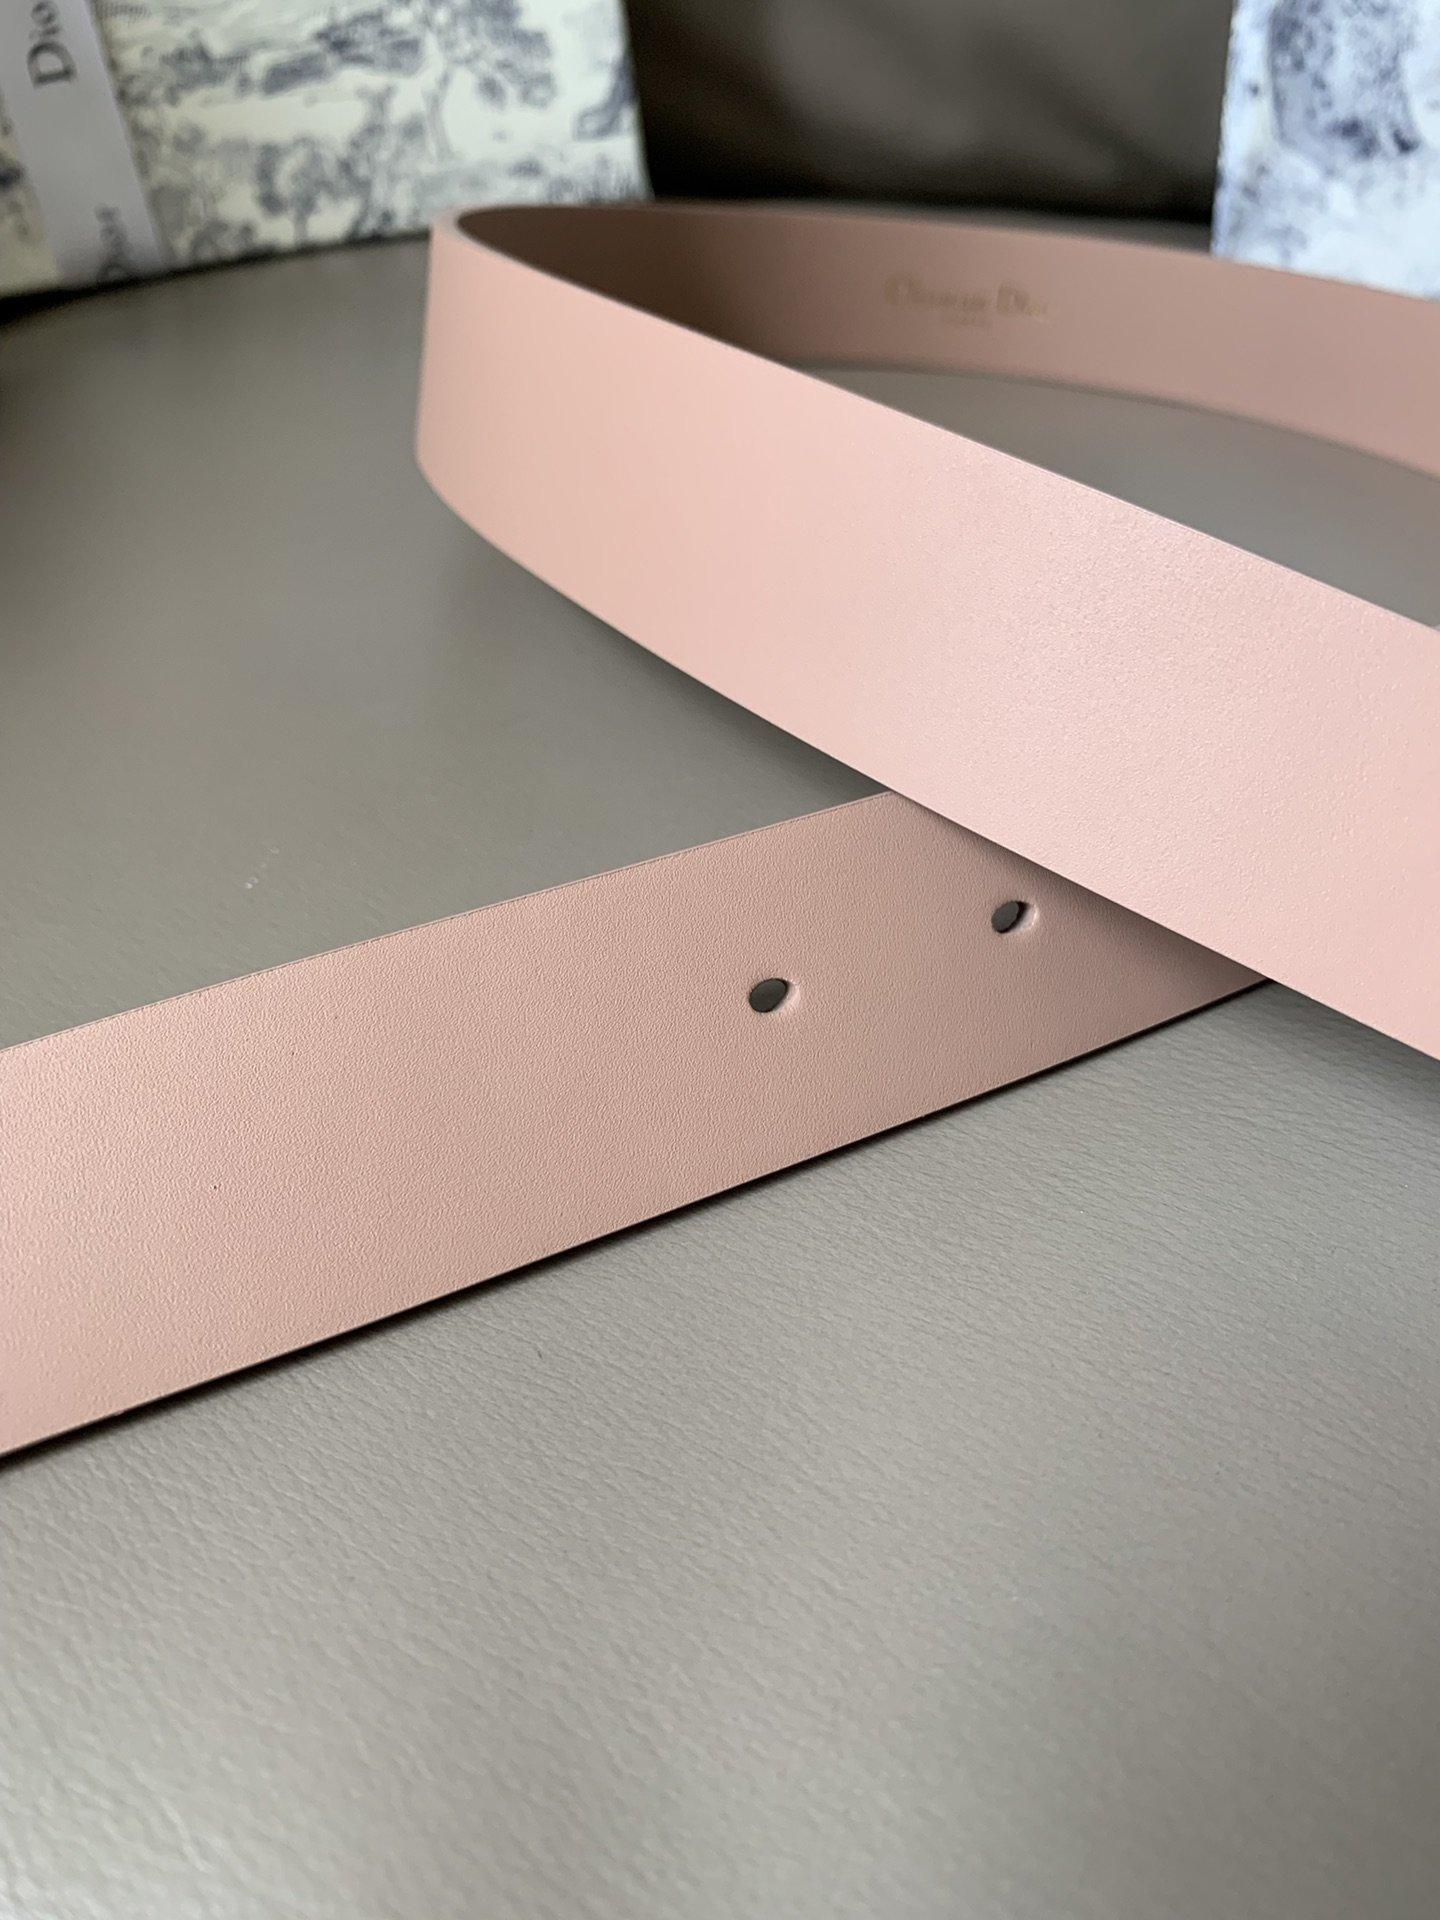 Dior新款双面意大利级顶进口头层平纹小牛皮女士腰带(图5)